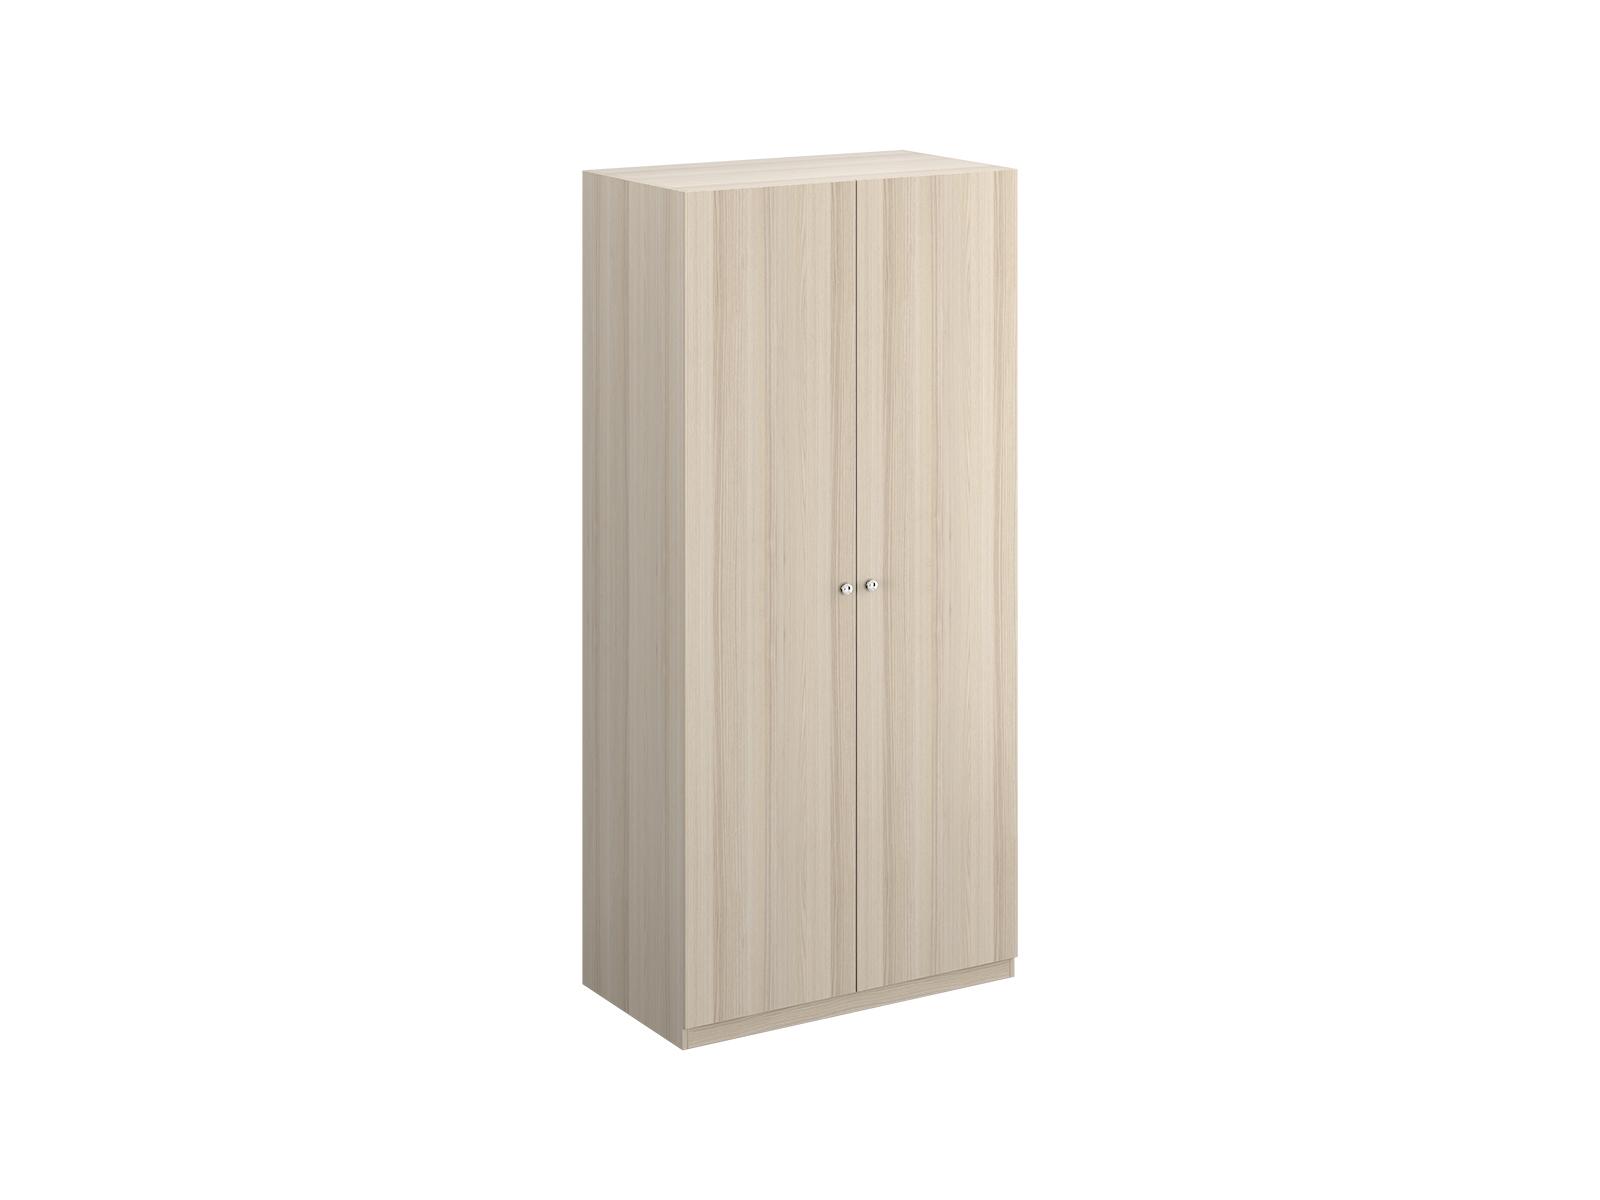 Шкаф Uno Ш2Платяные шкафы<br>Шкаф двухдверный с одной стационарной верхней и одной съемной нижней полками. Установлен на регулируемые опоры. Данную мебель рекомендуется крепить к стене. Ручки и внутренние элементы продаются отдельно.<br><br>Material: ДСП<br>Ширина см: 110<br>Высота см: 233<br>Глубина см: 60